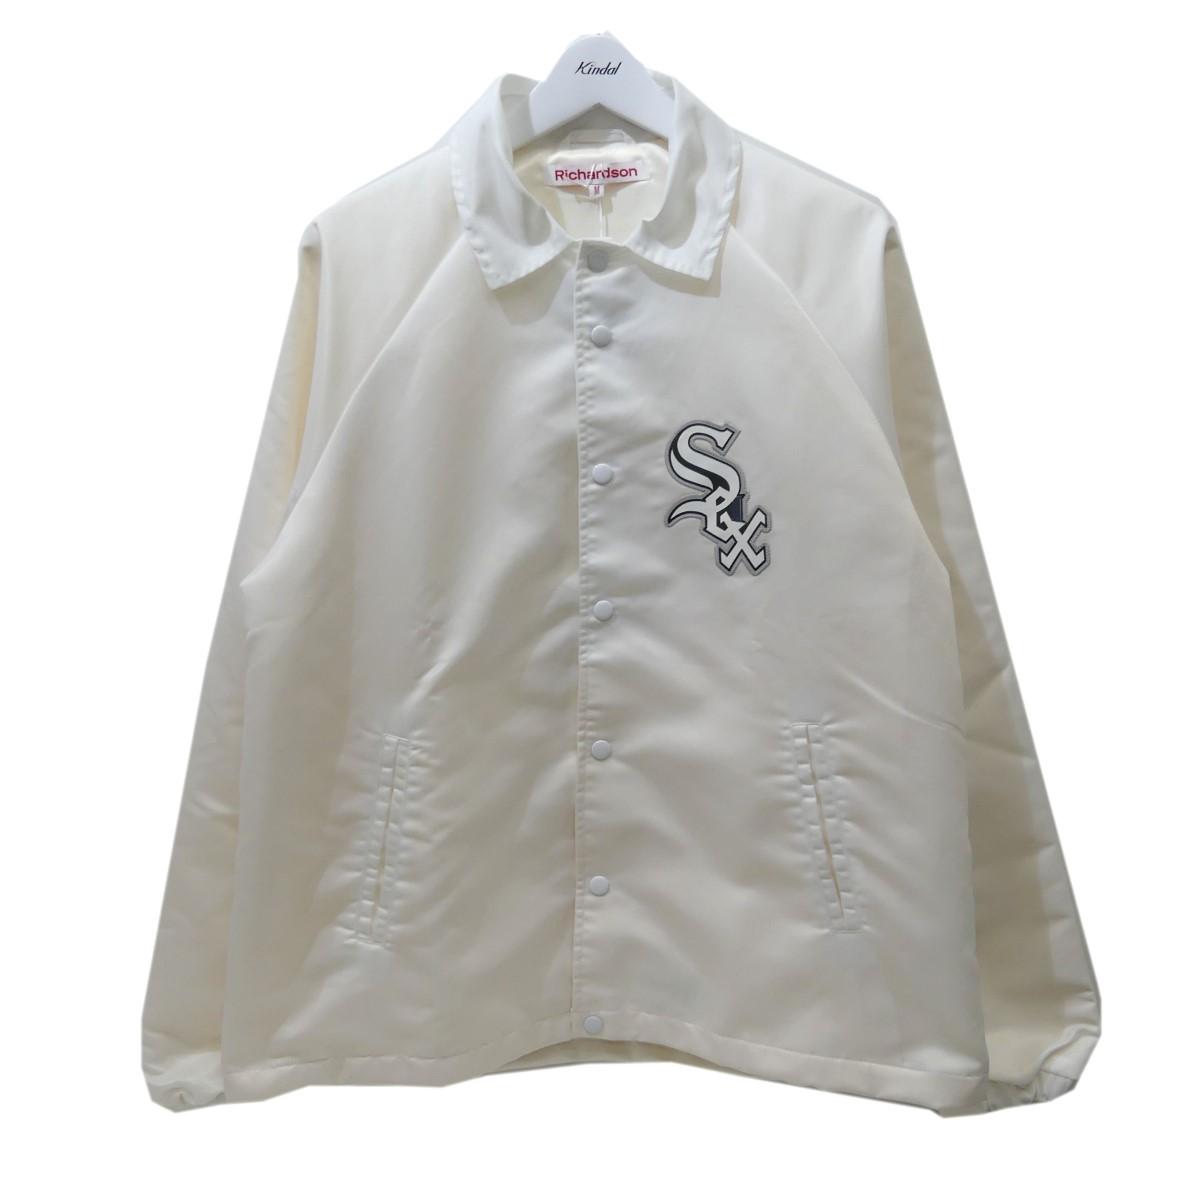 【中古】Richardson ナイロンコーチジャケット ホワイト サイズ:M 【090820】(リチャードソン)